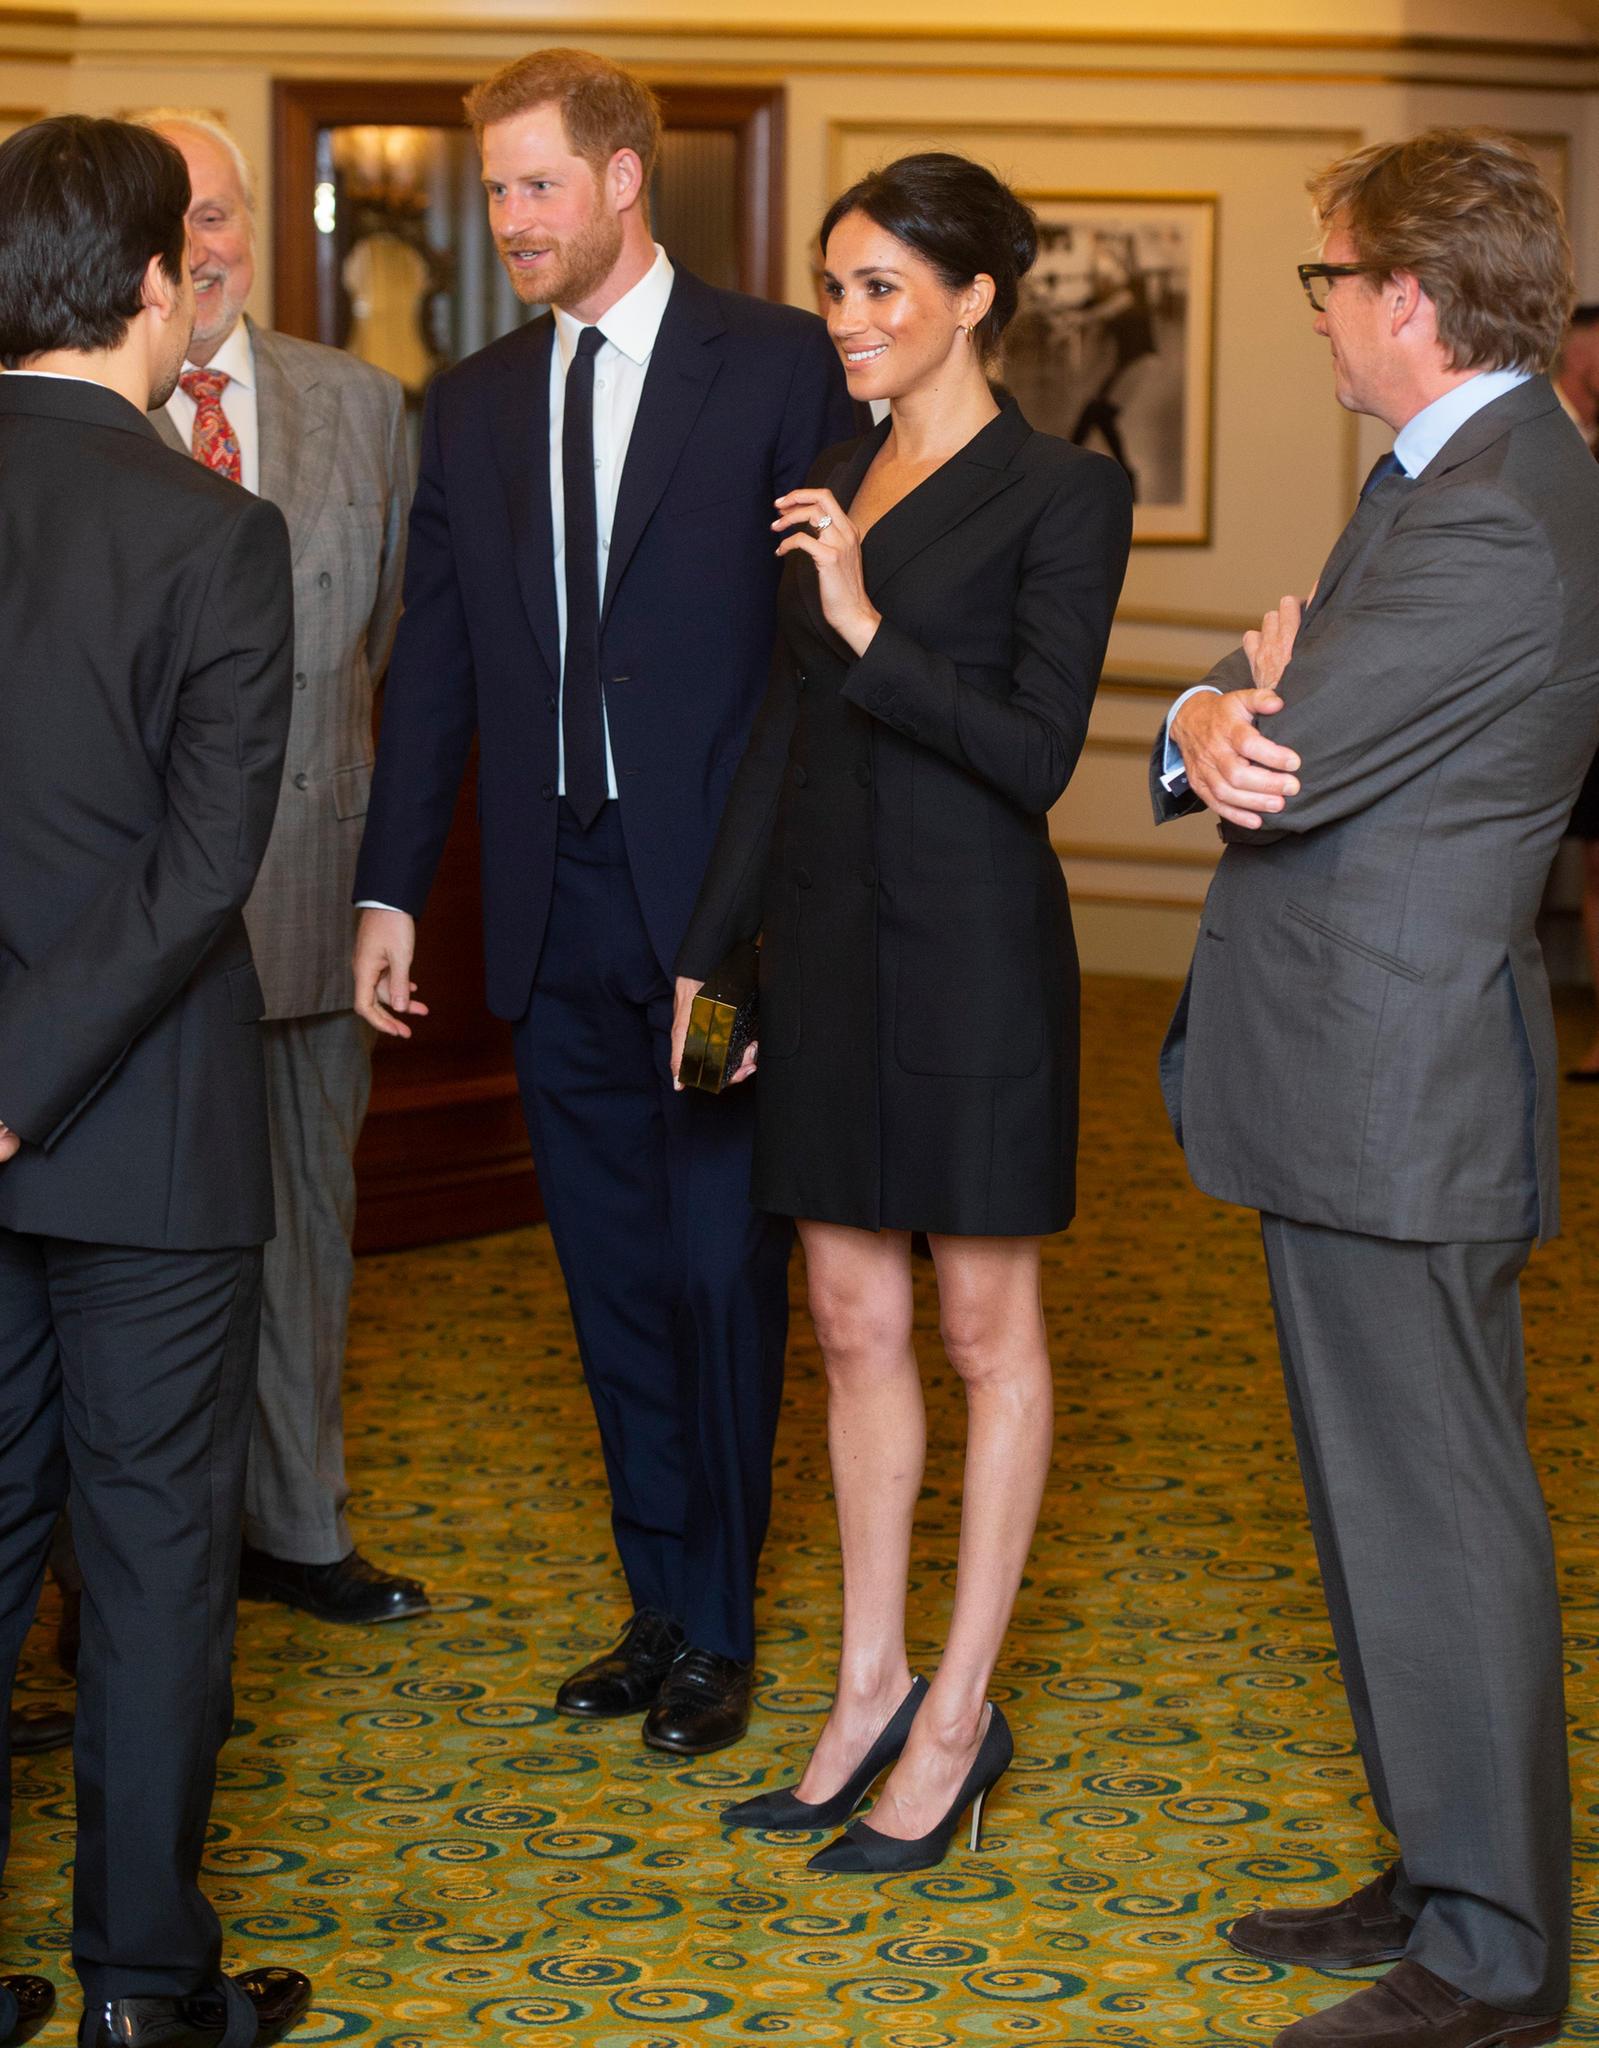 """Ein Anzug mal ganz anders: Meghan Markle trägt ein Tuxedo als Kleid, das vom kanadischen Label """"Judith & Charles"""" stammt."""